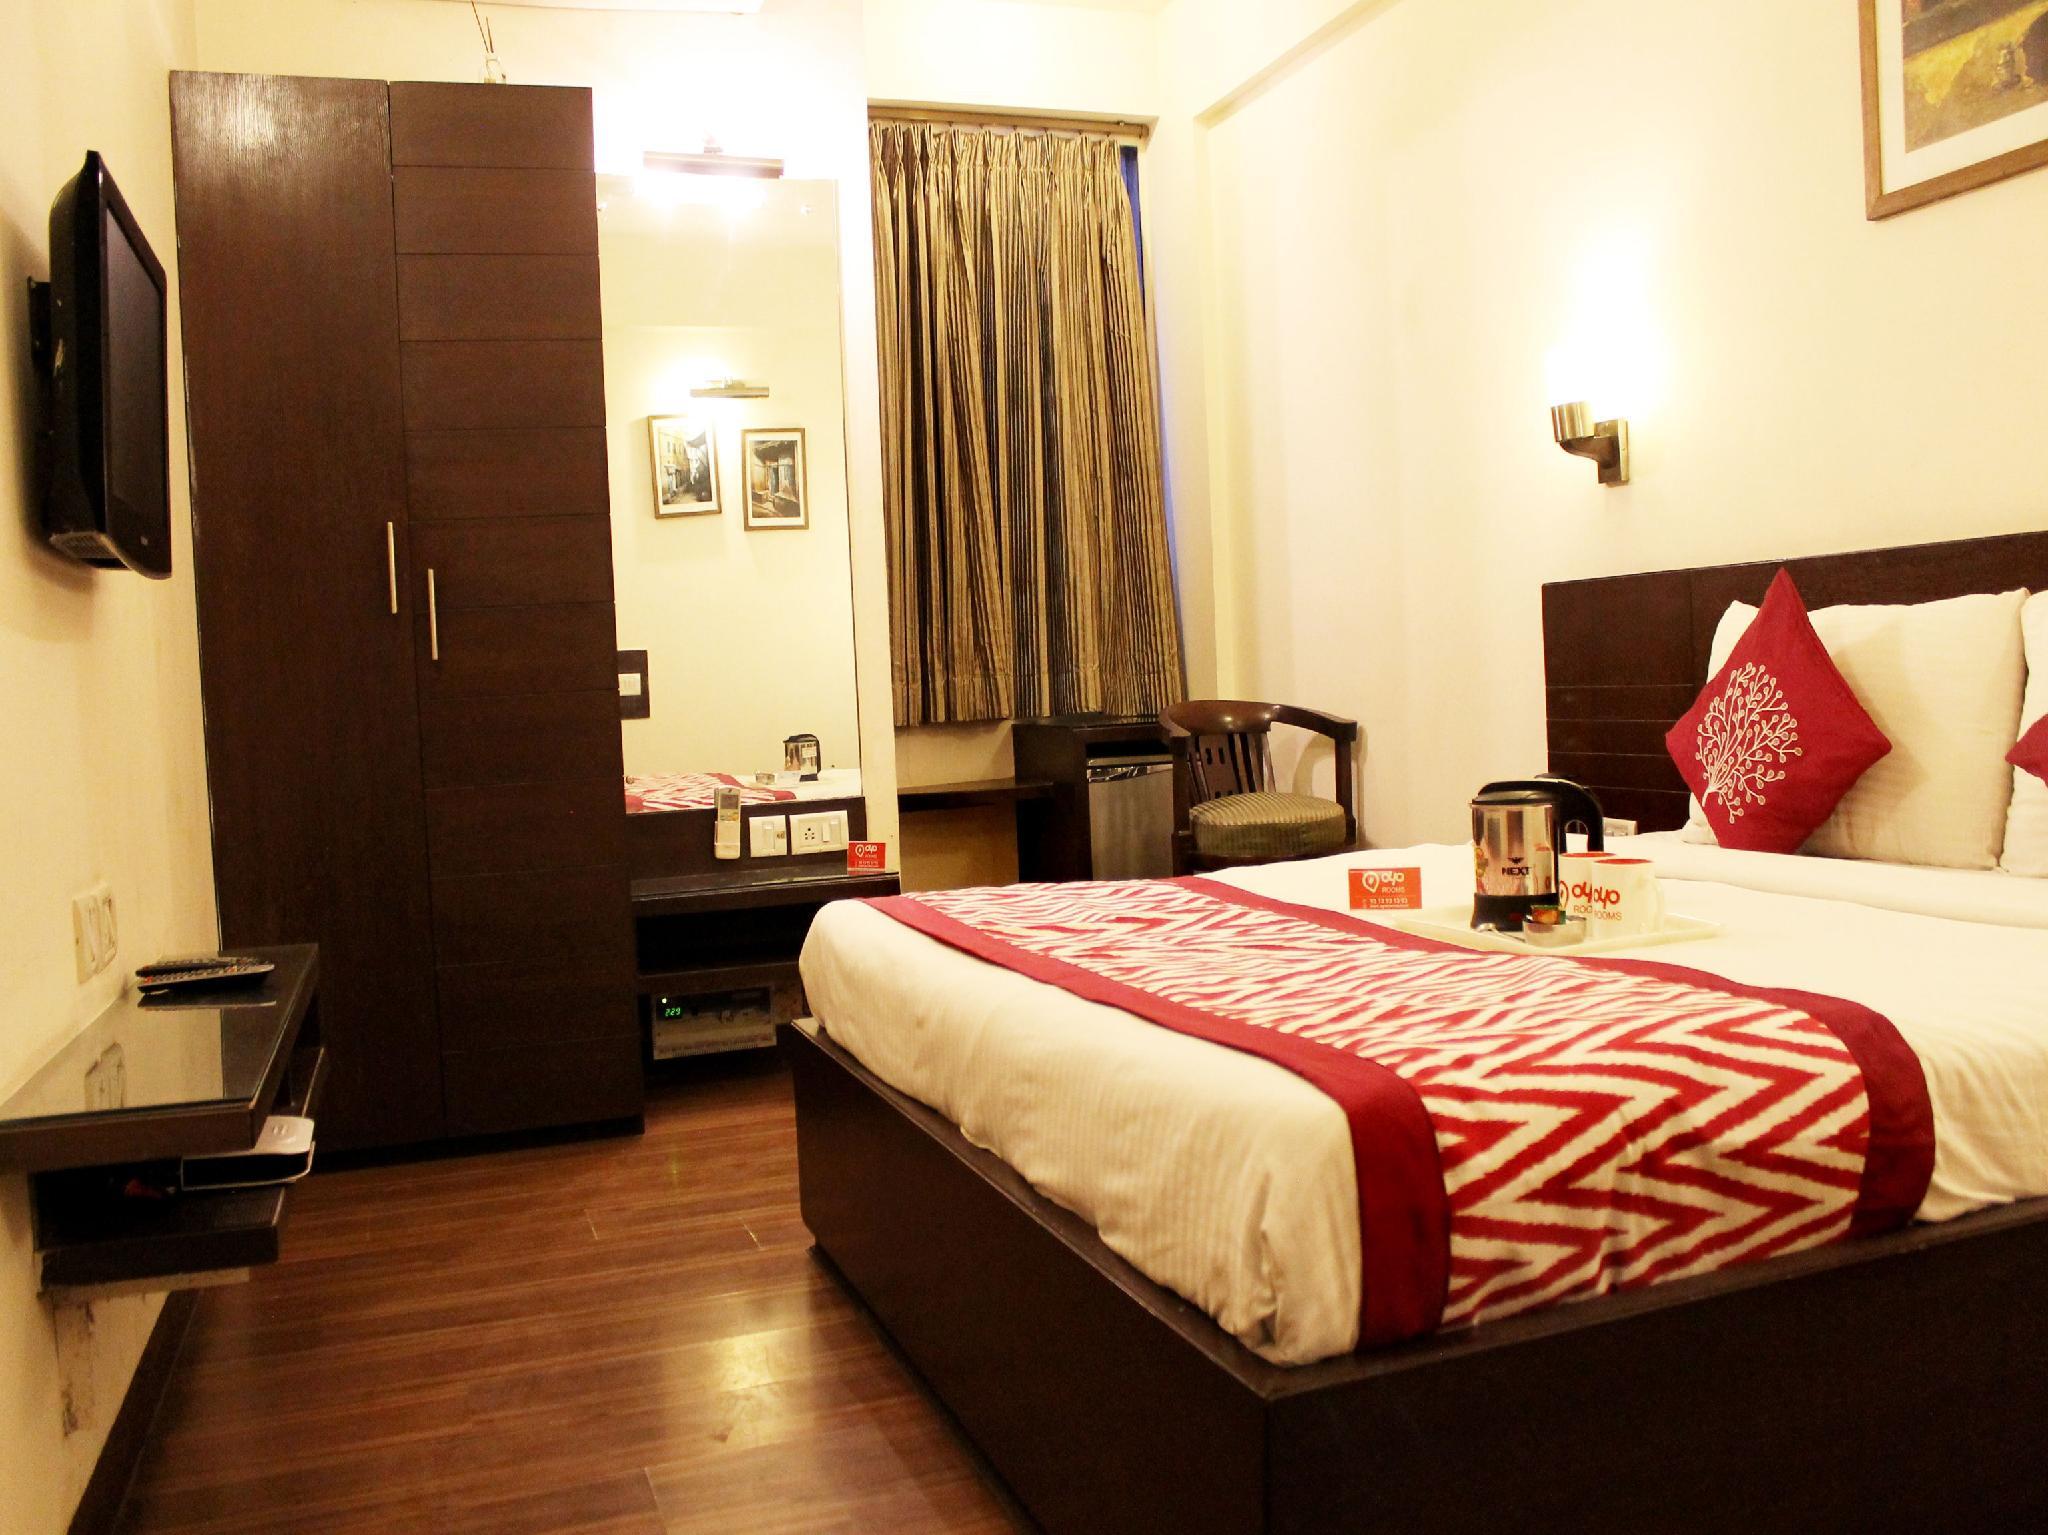 Review Oyo Rooms Taj East Gate Road